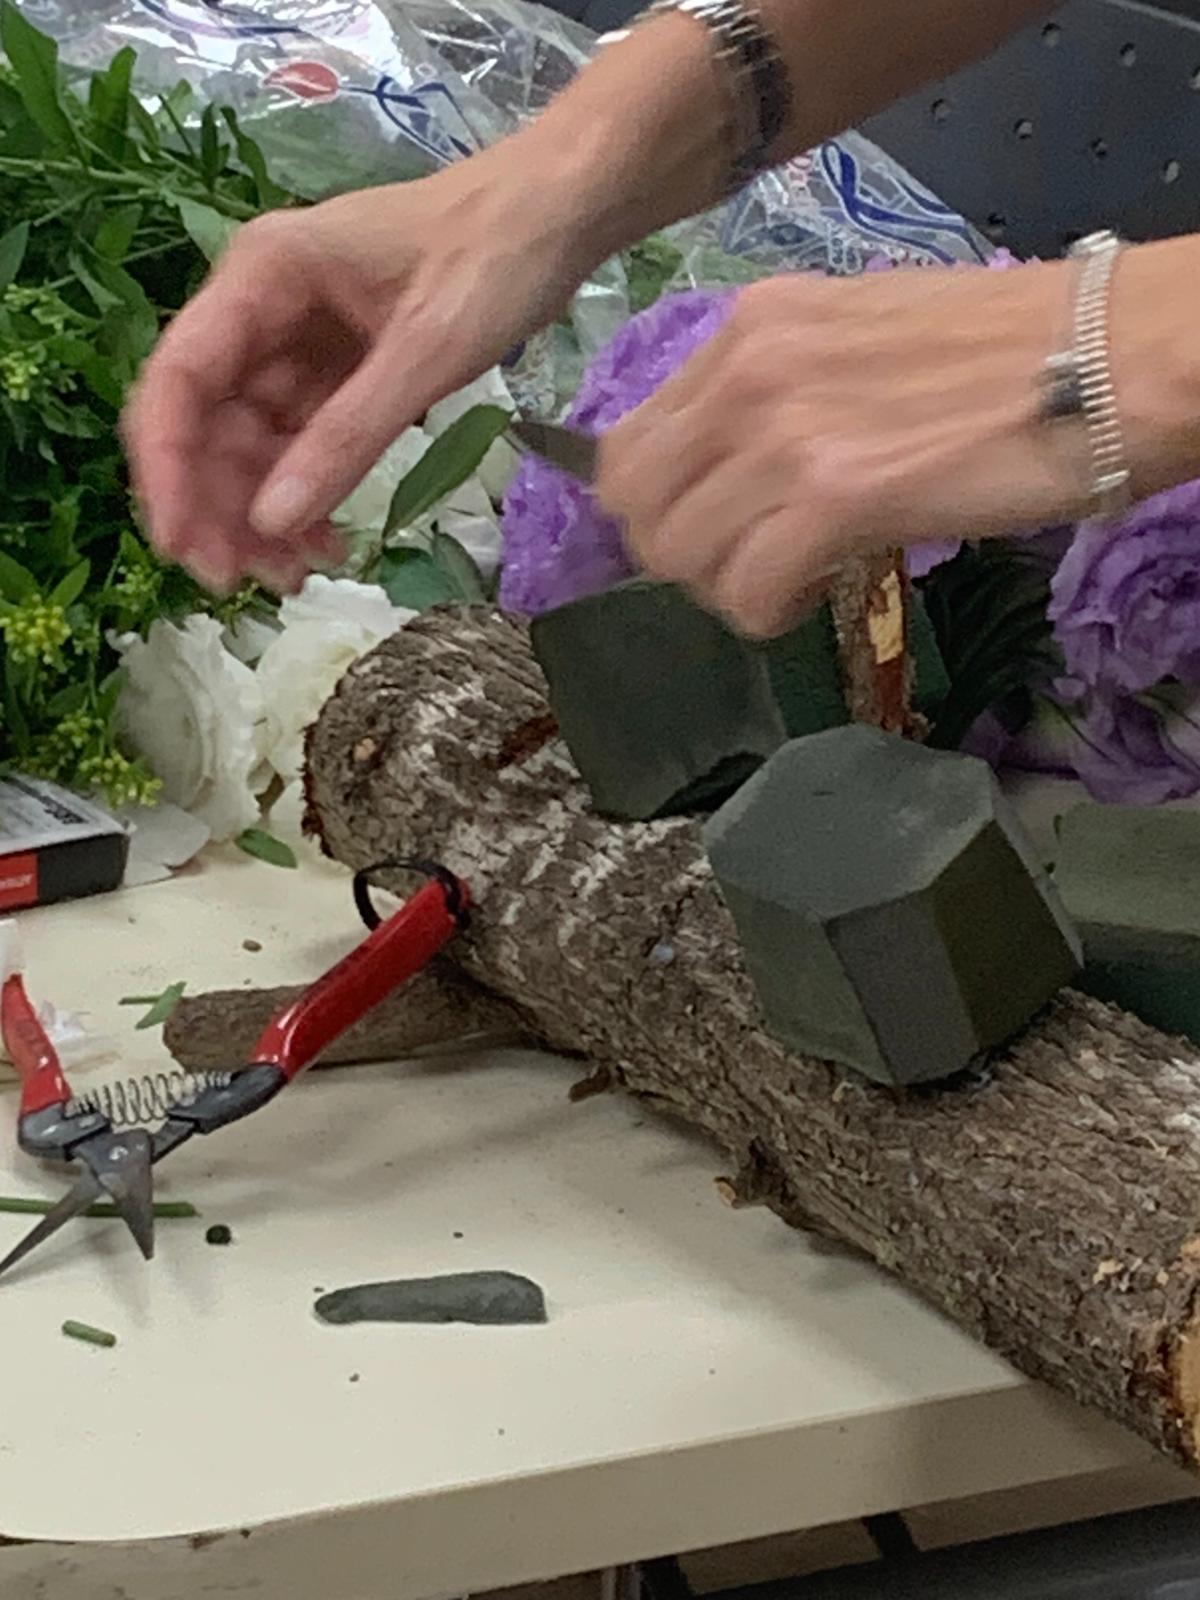 גלרייה - שיעור שזירת פרחים - קורס הפקת אירועים מחזור 24, 12 מתוך 35